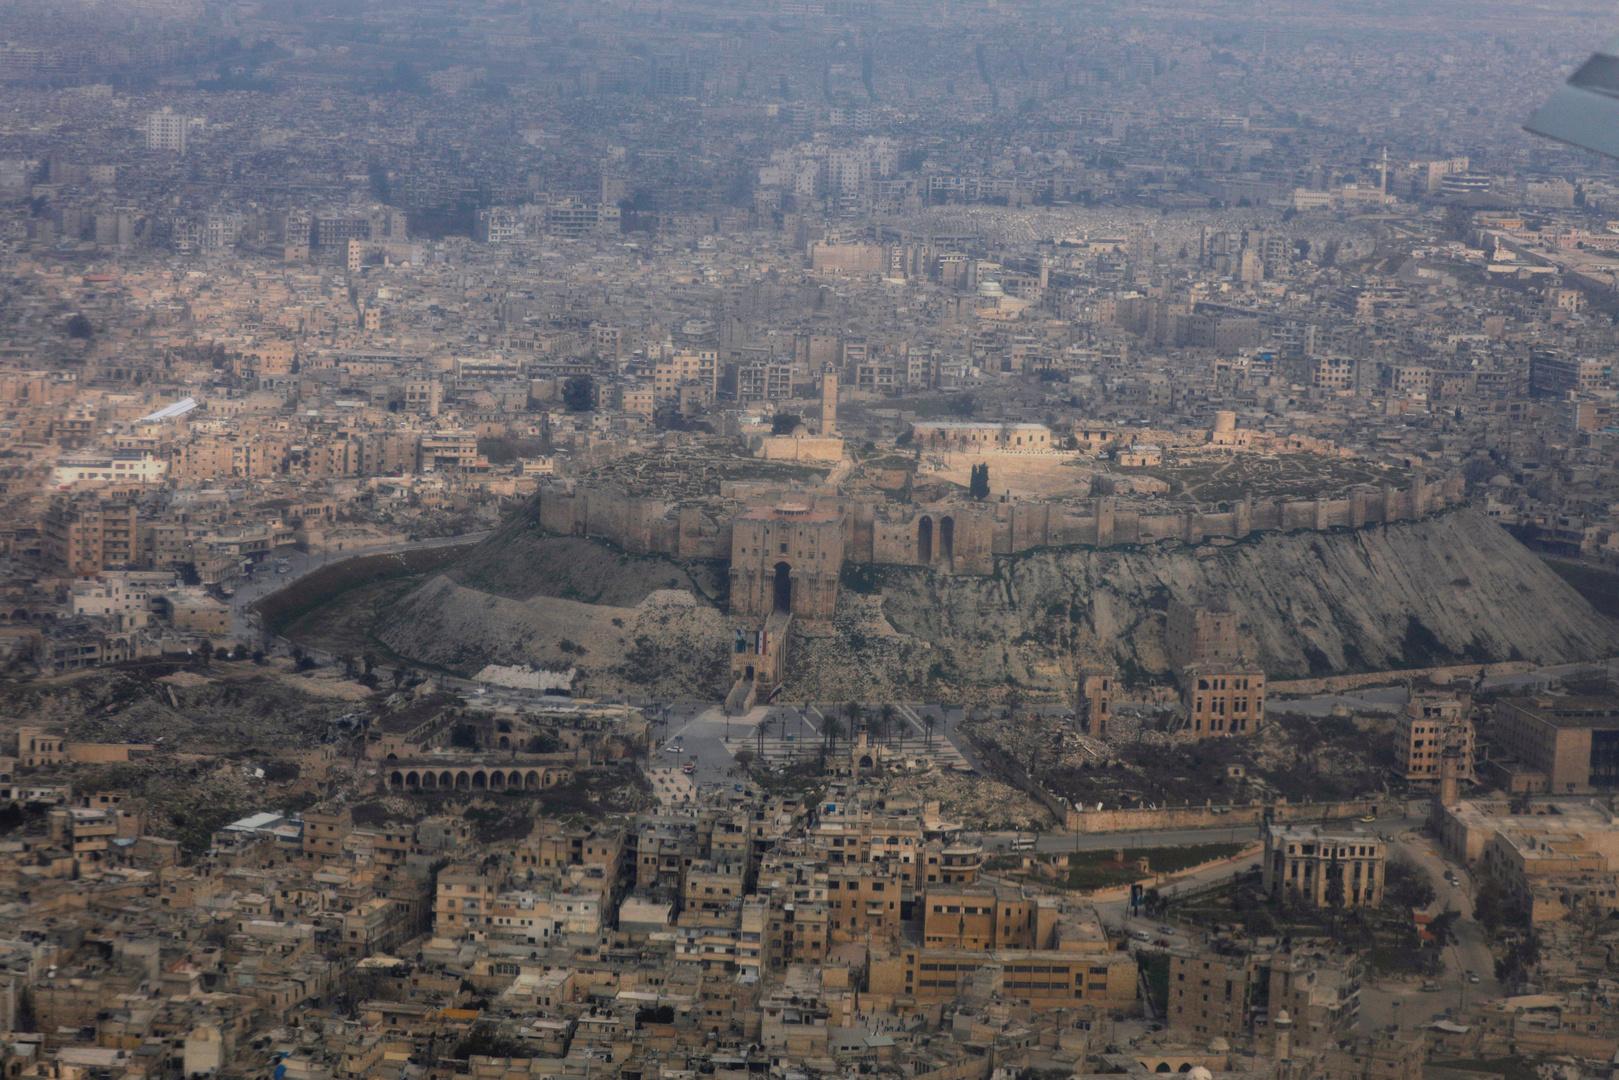 وسائل إعلام: انفجار عبوة ناسفة بسيارة في مدينة الباب شرق حلب بسوريا